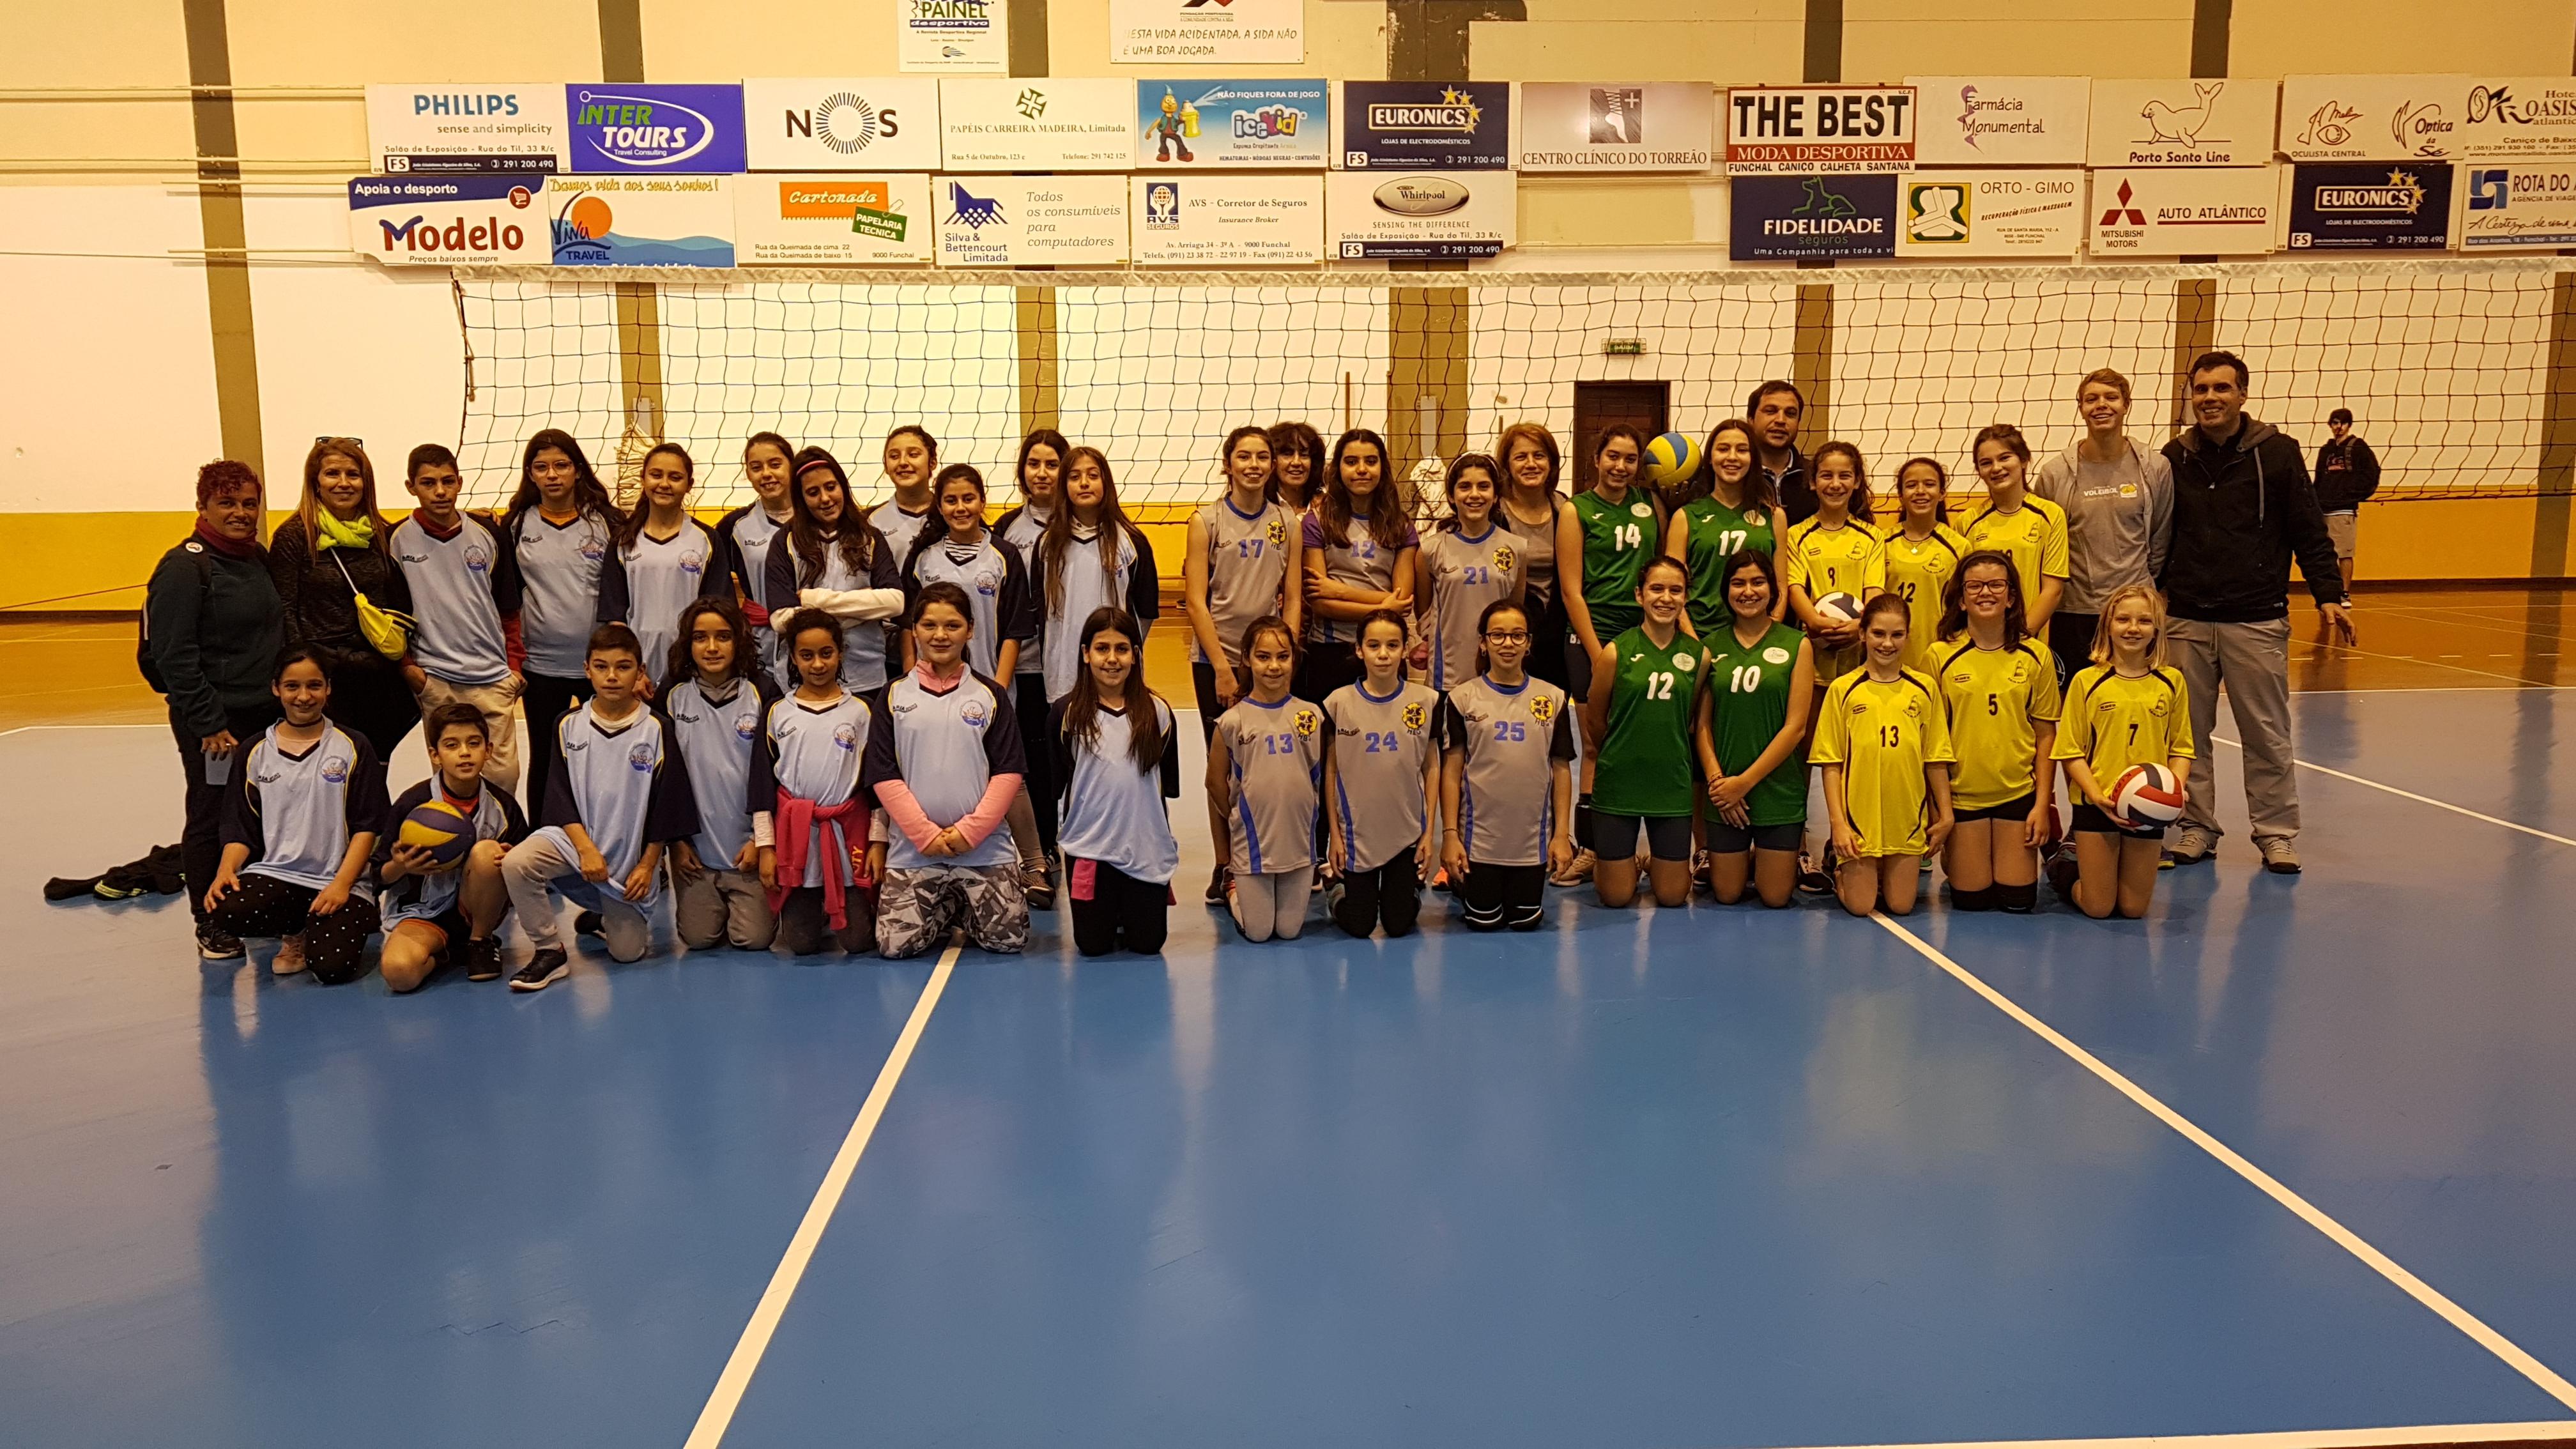 Campeonatos de voleibol